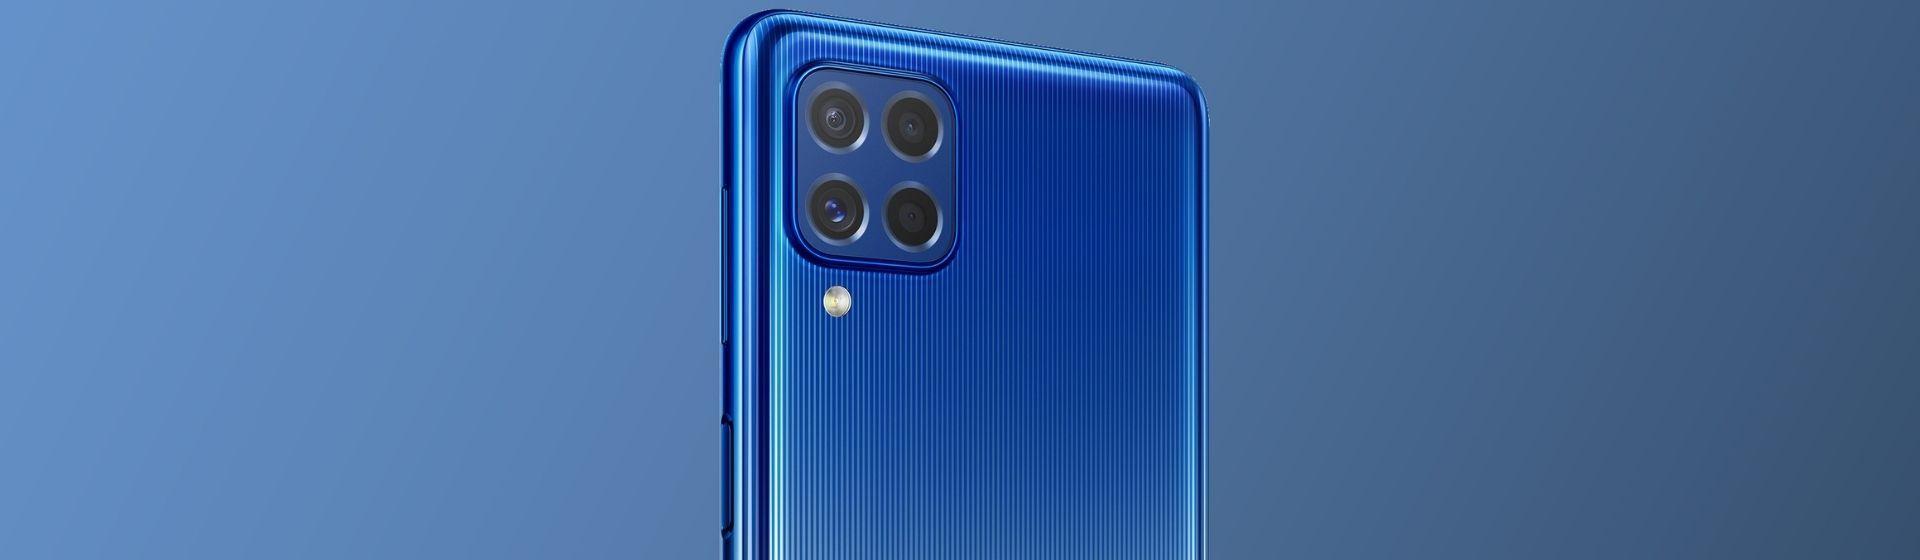 Galaxy M62 é bom? Conheça o celular com bateria poderosa